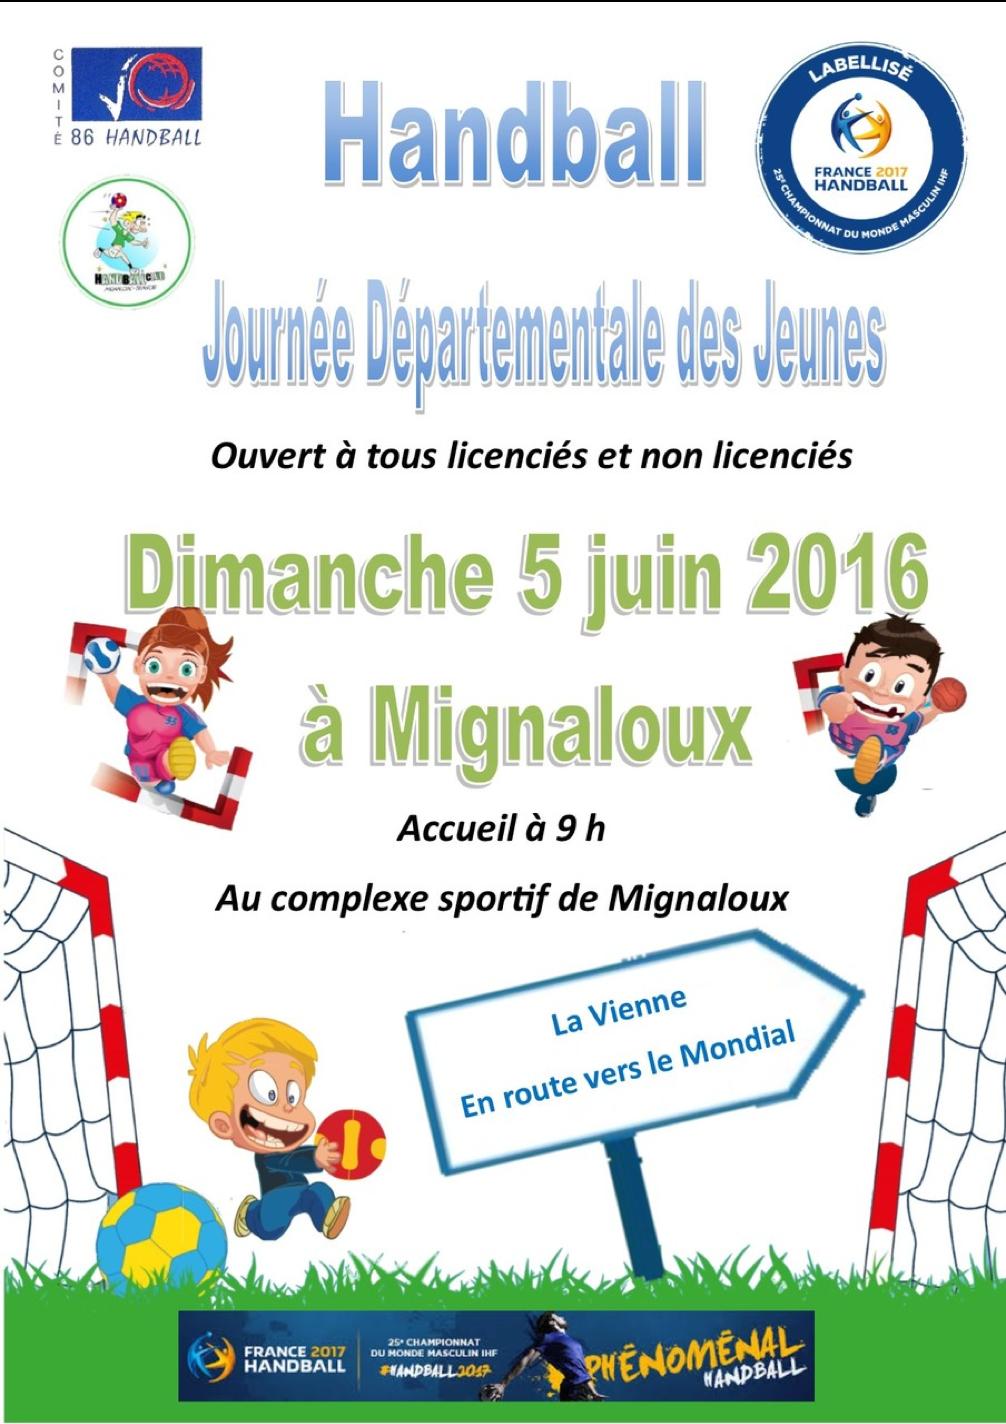 Affiche Journée Départementale des Jeunes 5 juin 2016